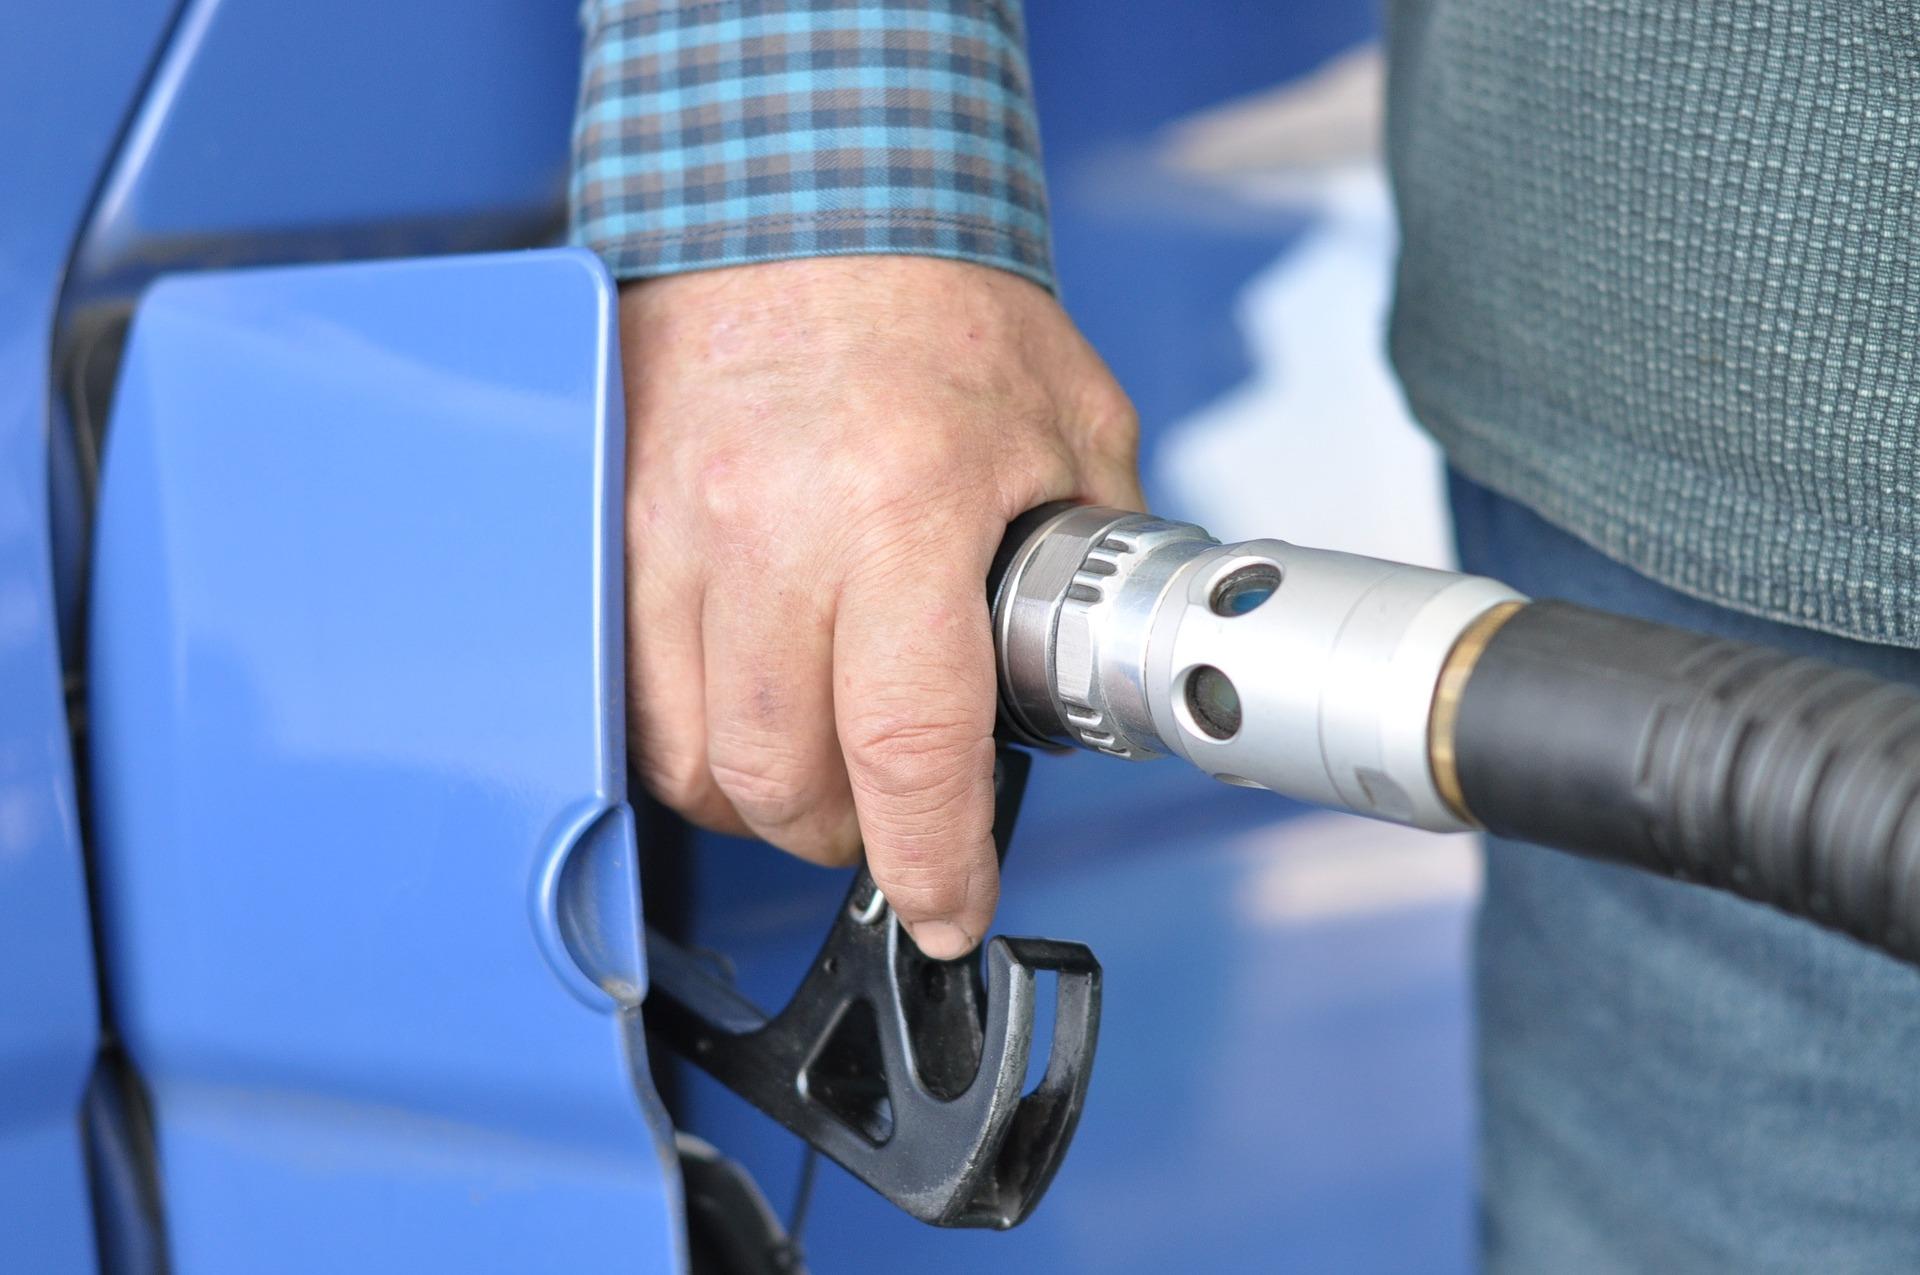 Jakich cen paliw możemy spodziewać się w najbliższym czasie?  - Zdjęcie główne